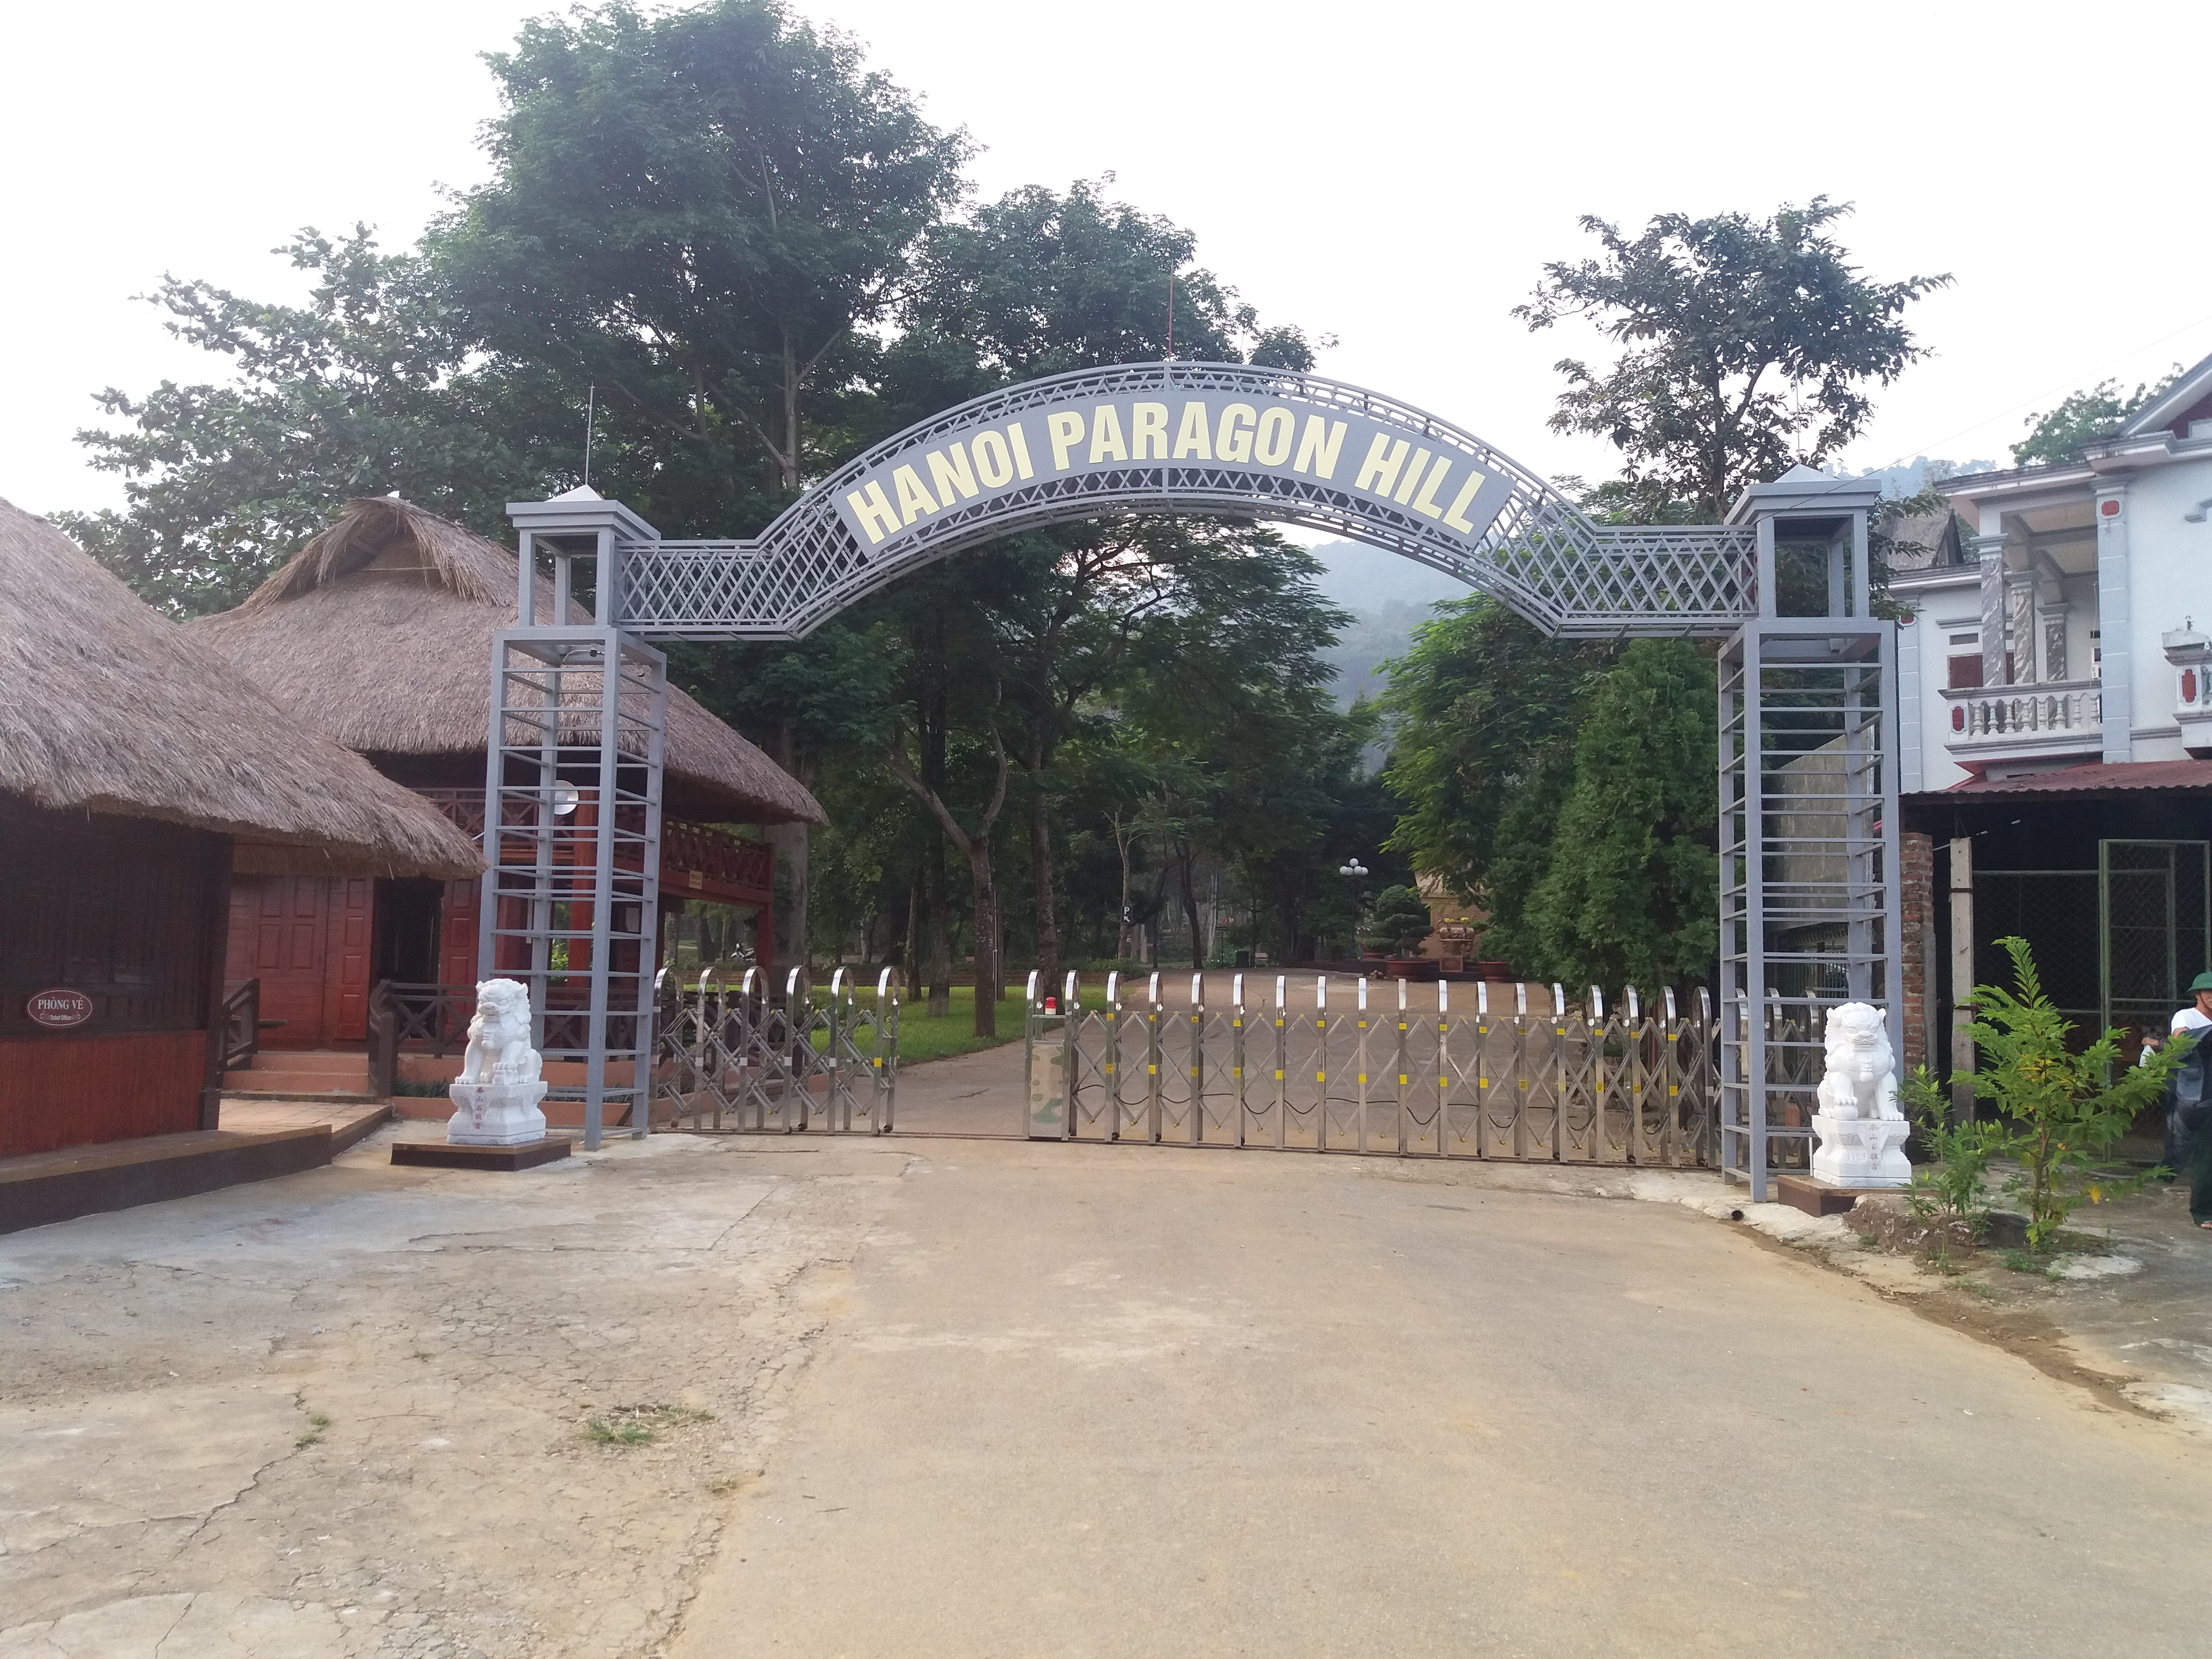 Giá vé khu nghỉ dưỡng Hà Nội Paragon Hill